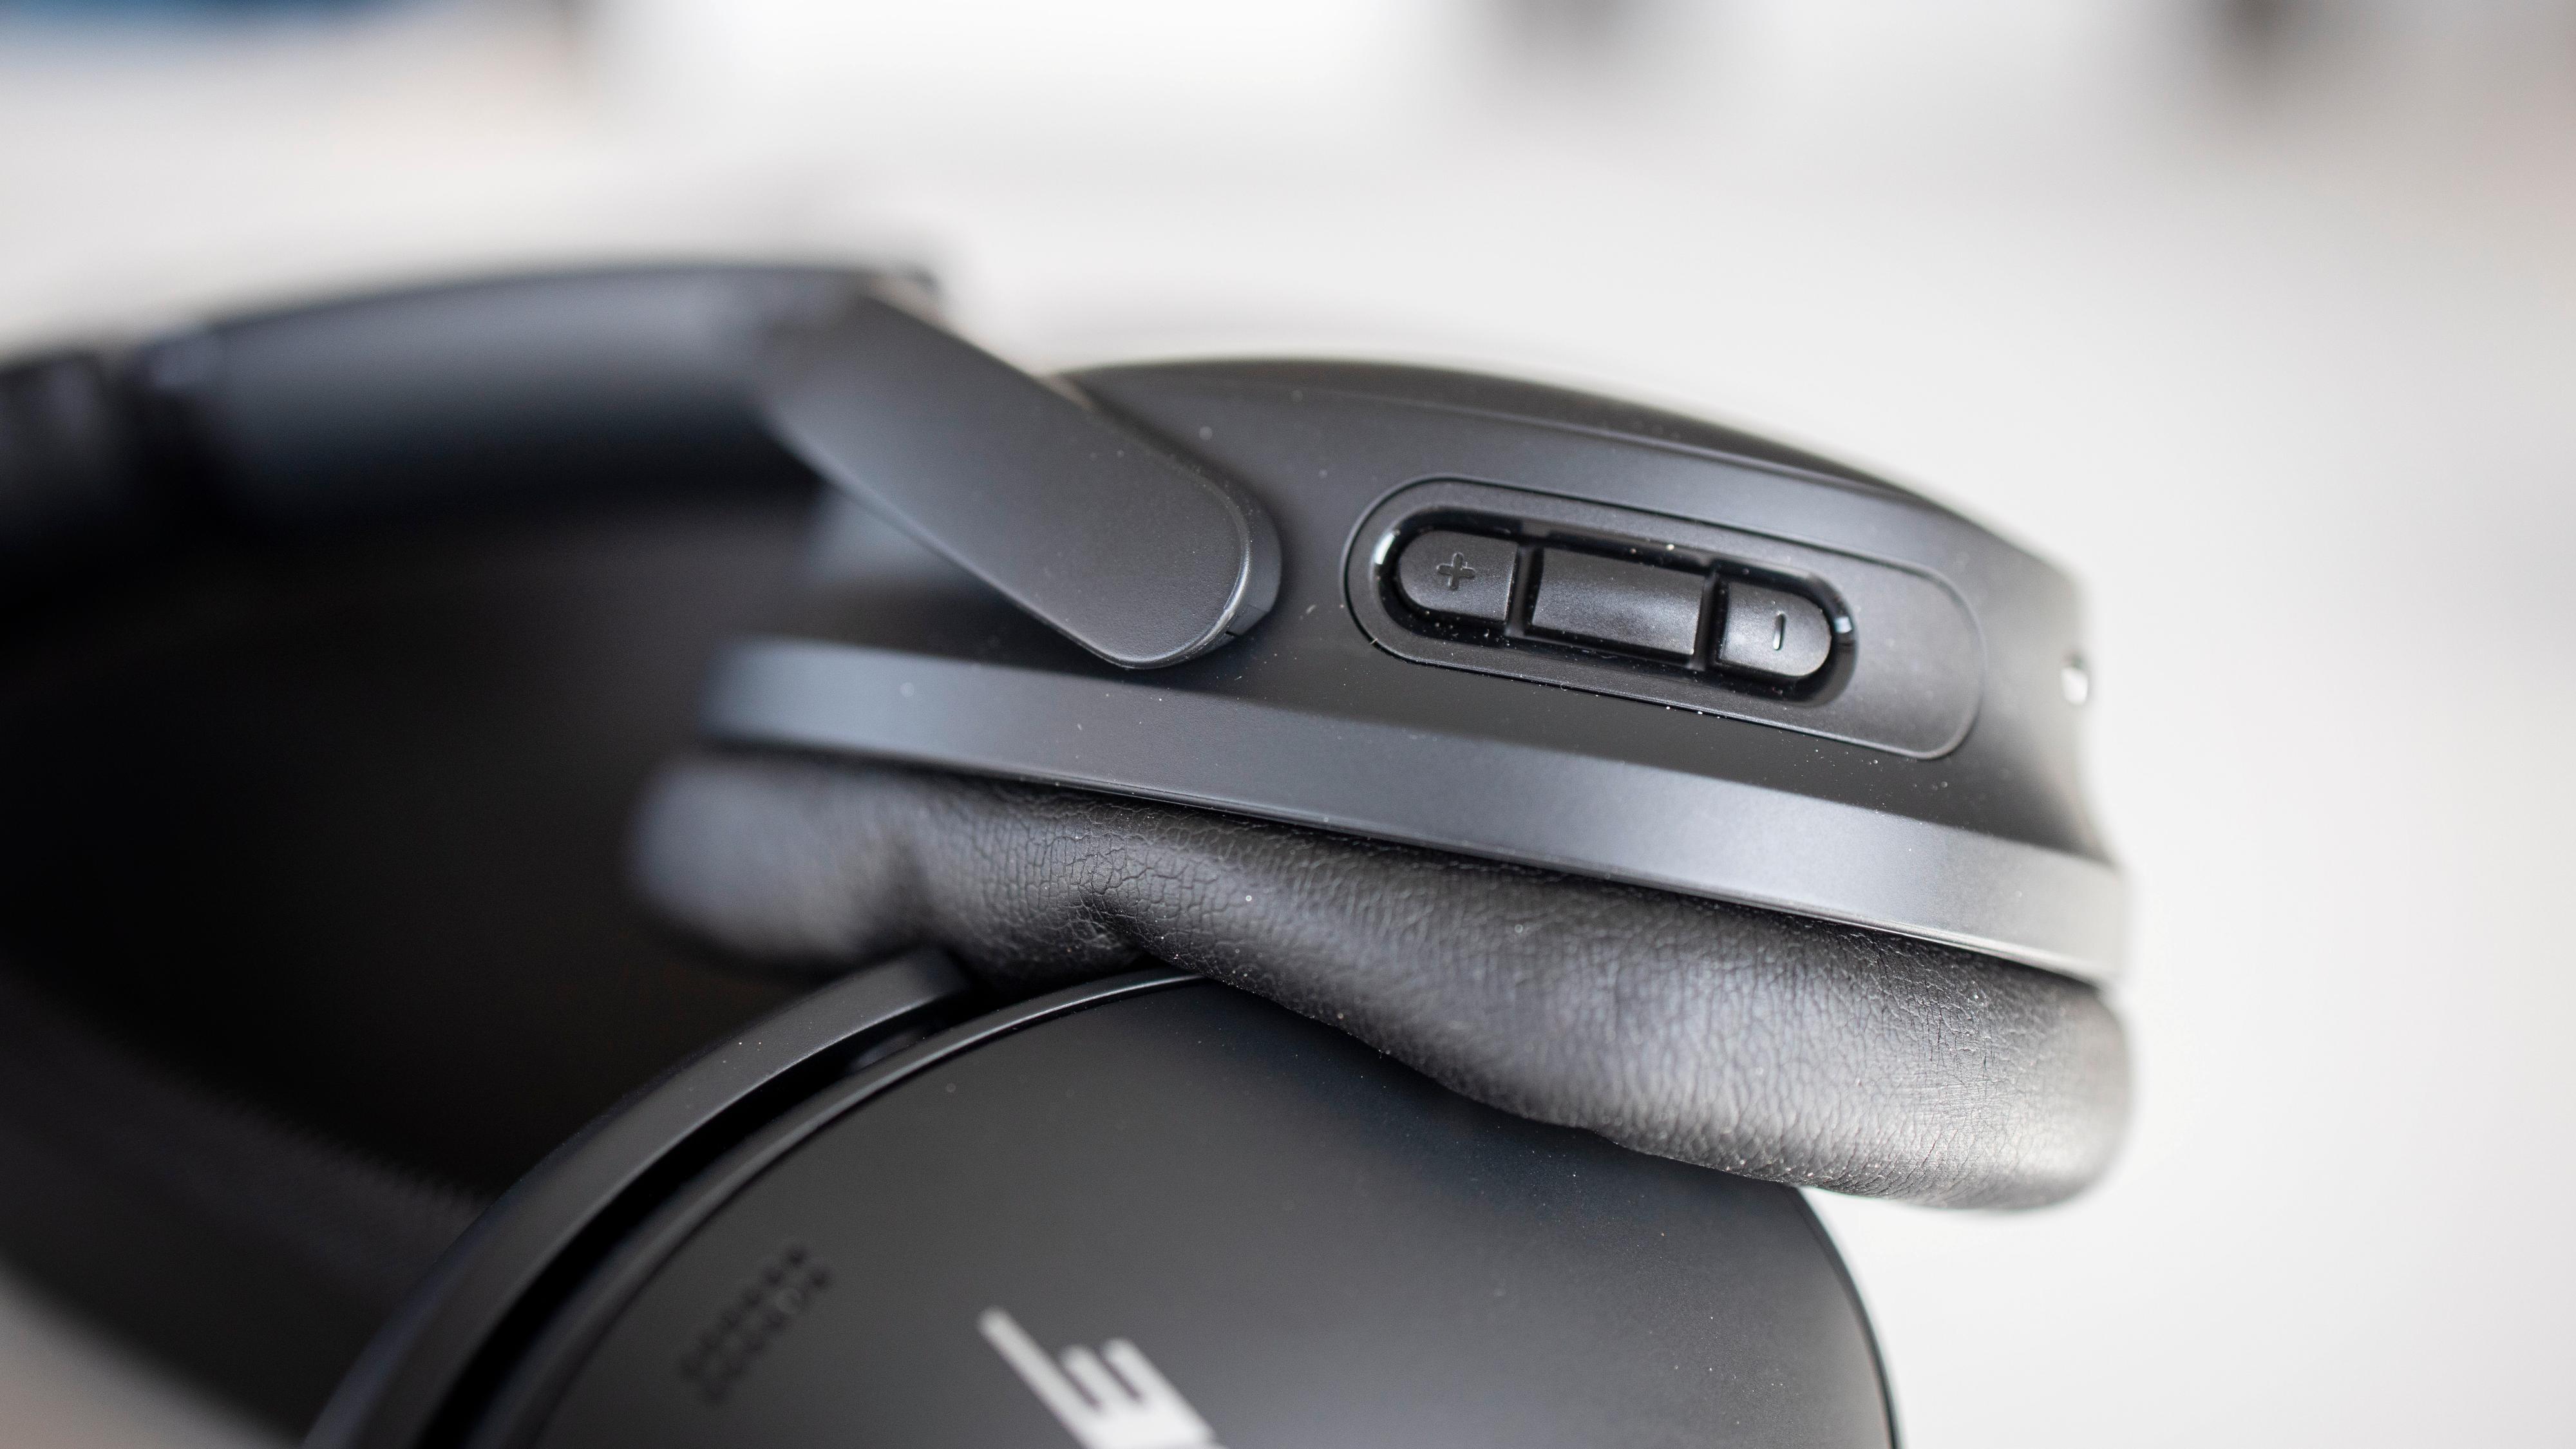 Fjernkontrollknappene sitter på høyre øreklokke. Hit er nå også taleassistentfunksjonen flyttet.